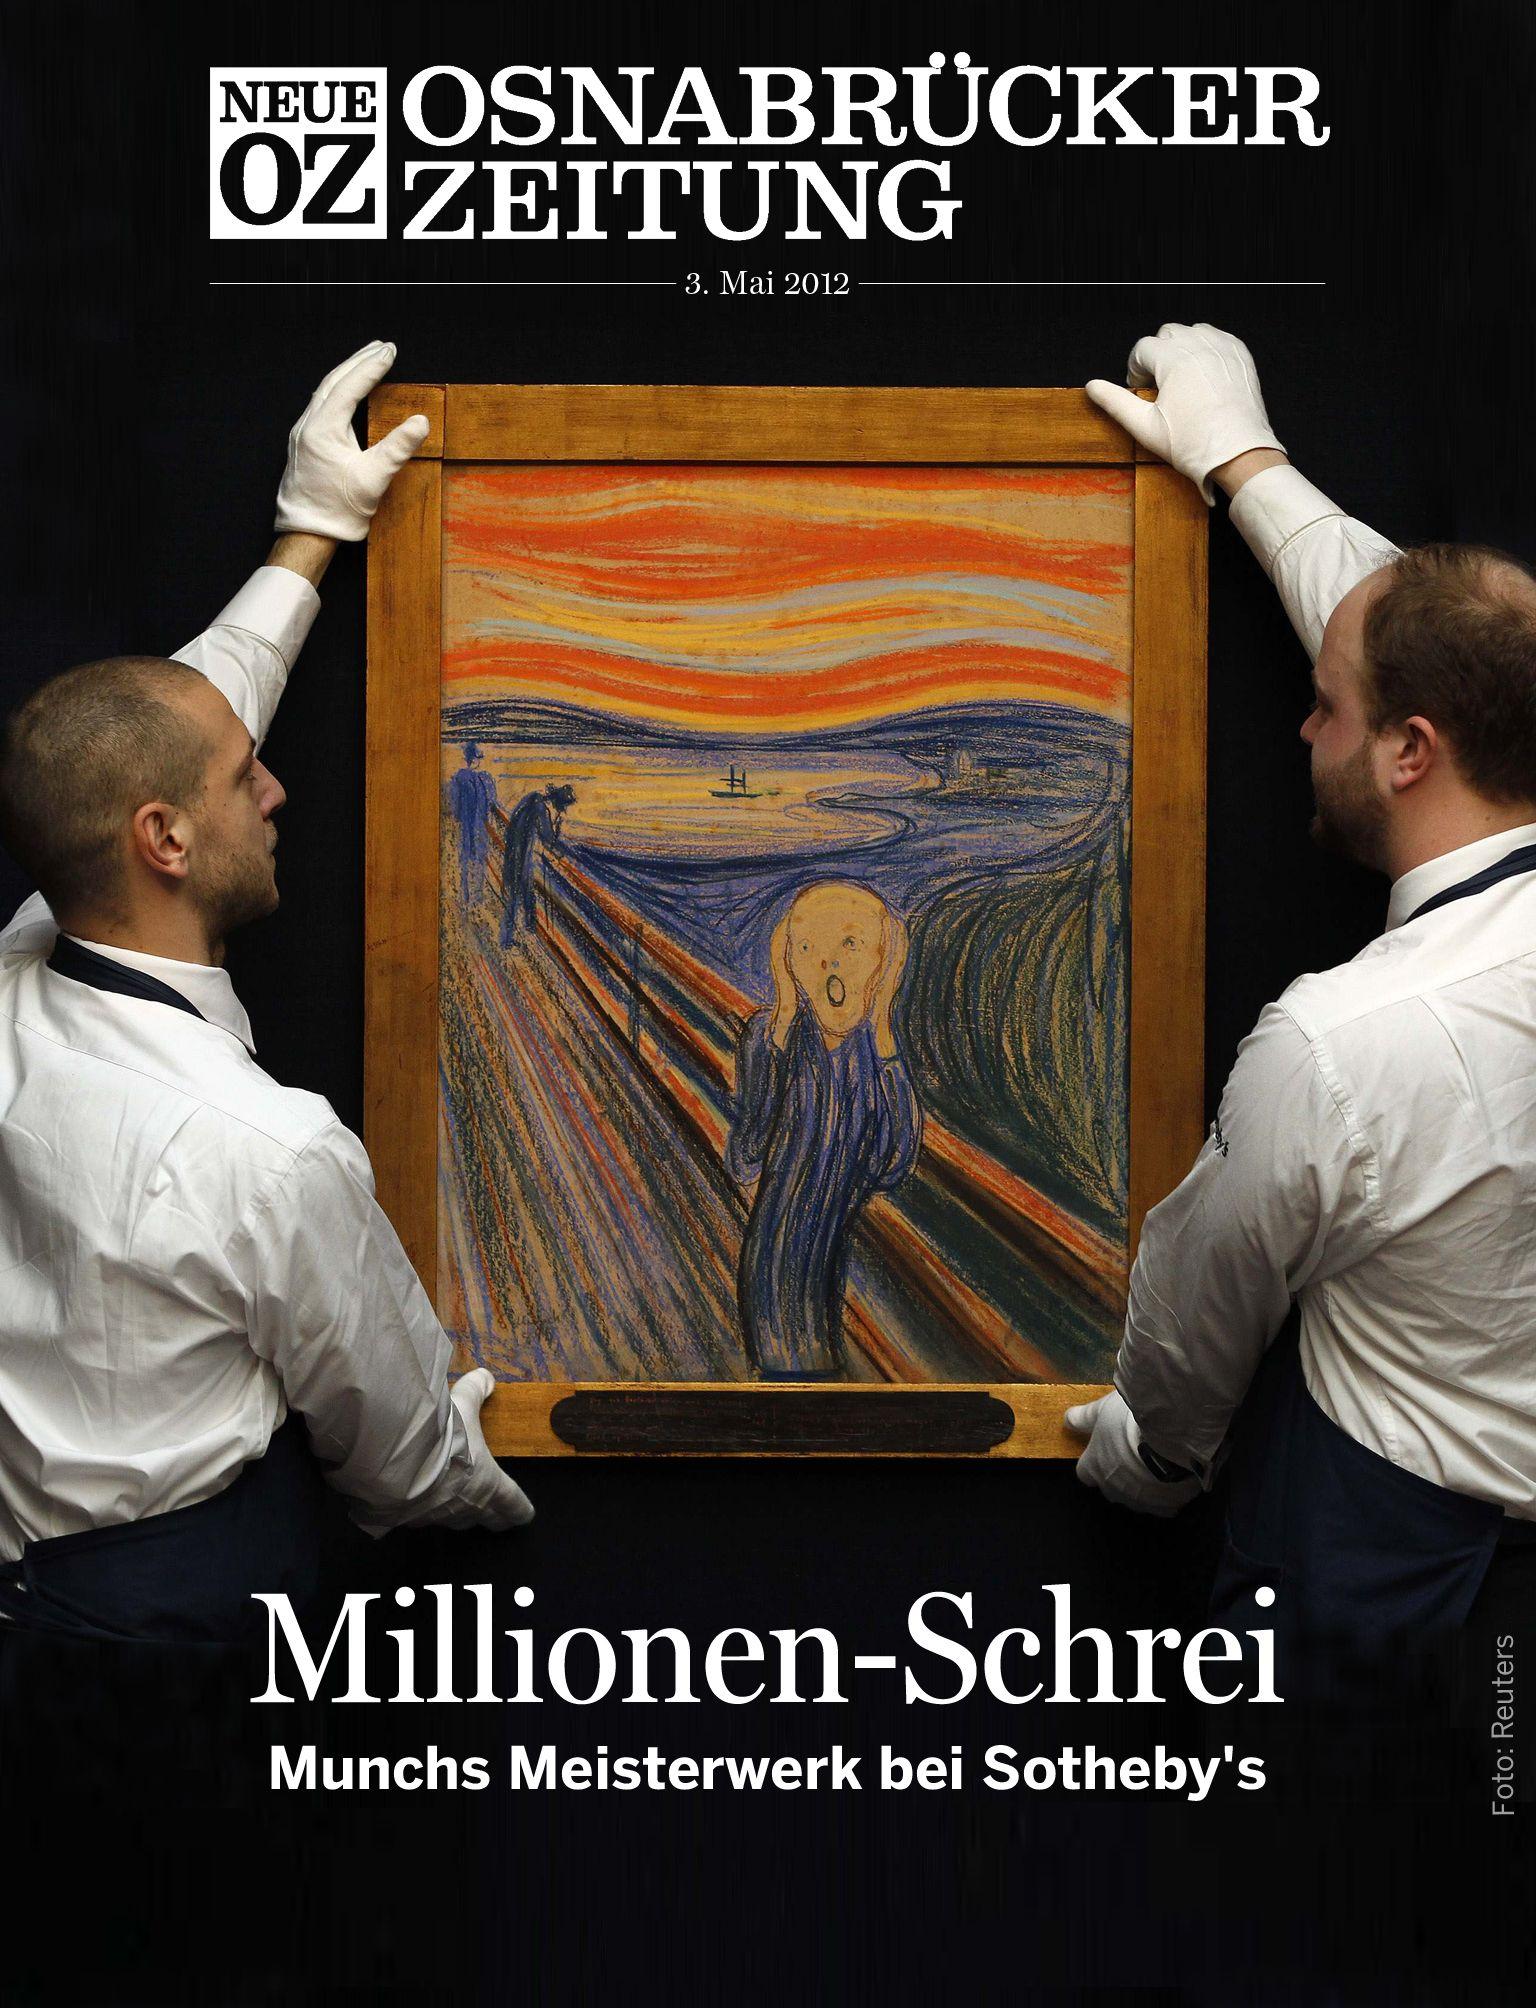 """Unser morgiges Cover-Thema für die NOZ-App: Die Versteigerung des Bildes """"Der Schrei"""" von Munch. #Kunst #Art"""